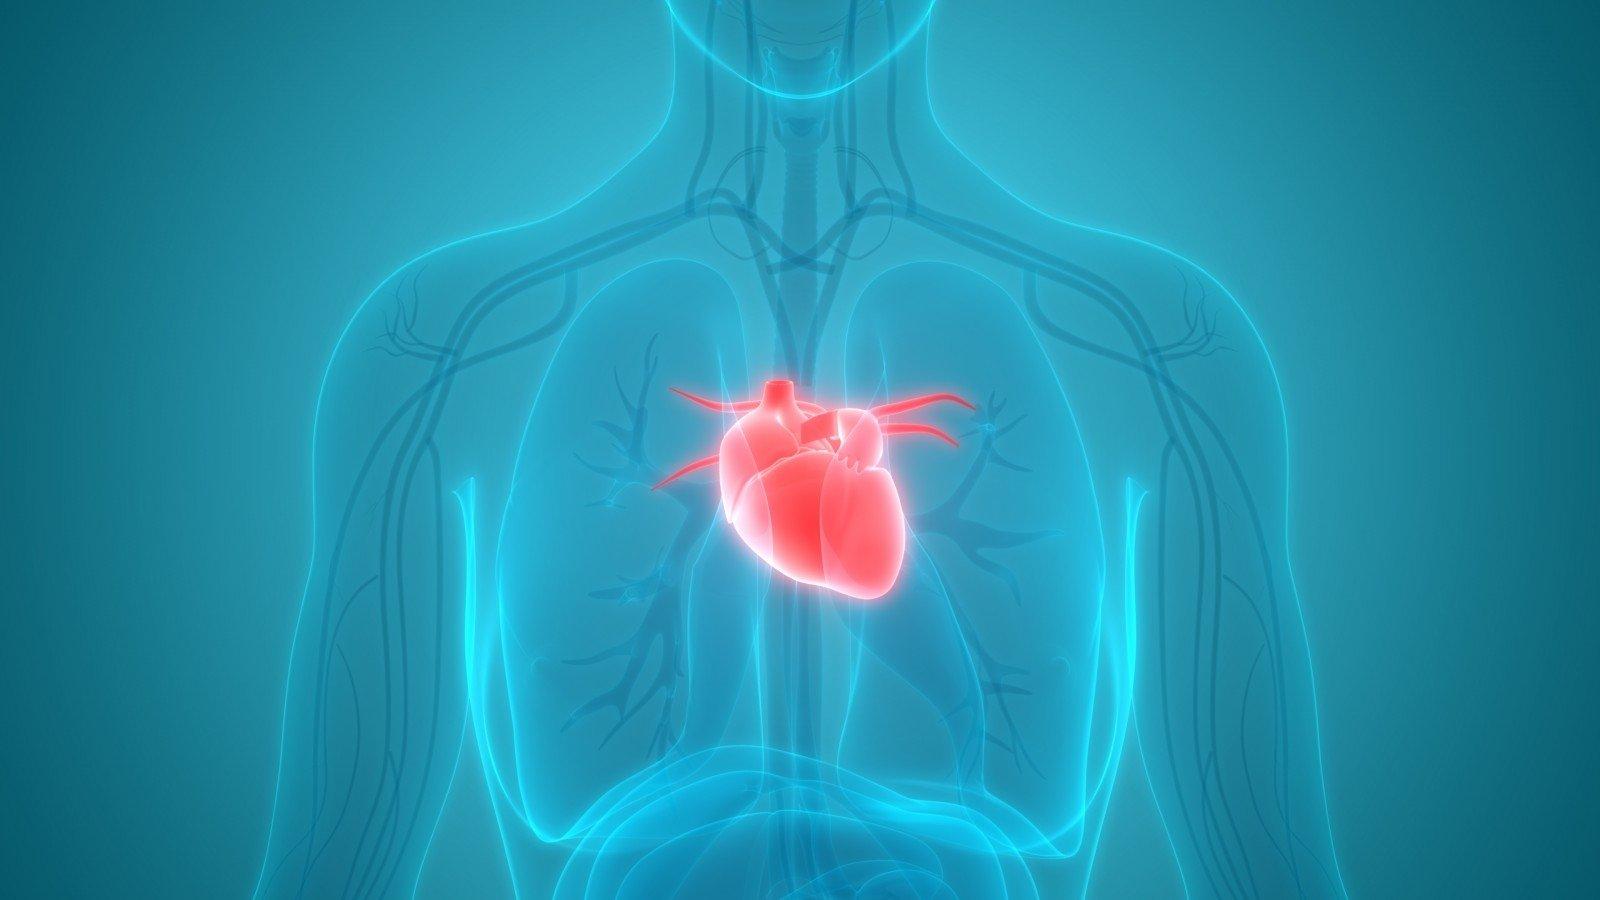 širdies sveikatos tikrintojo simptomai vaistinis augalas, vartojamas hipertenzijai gydyti